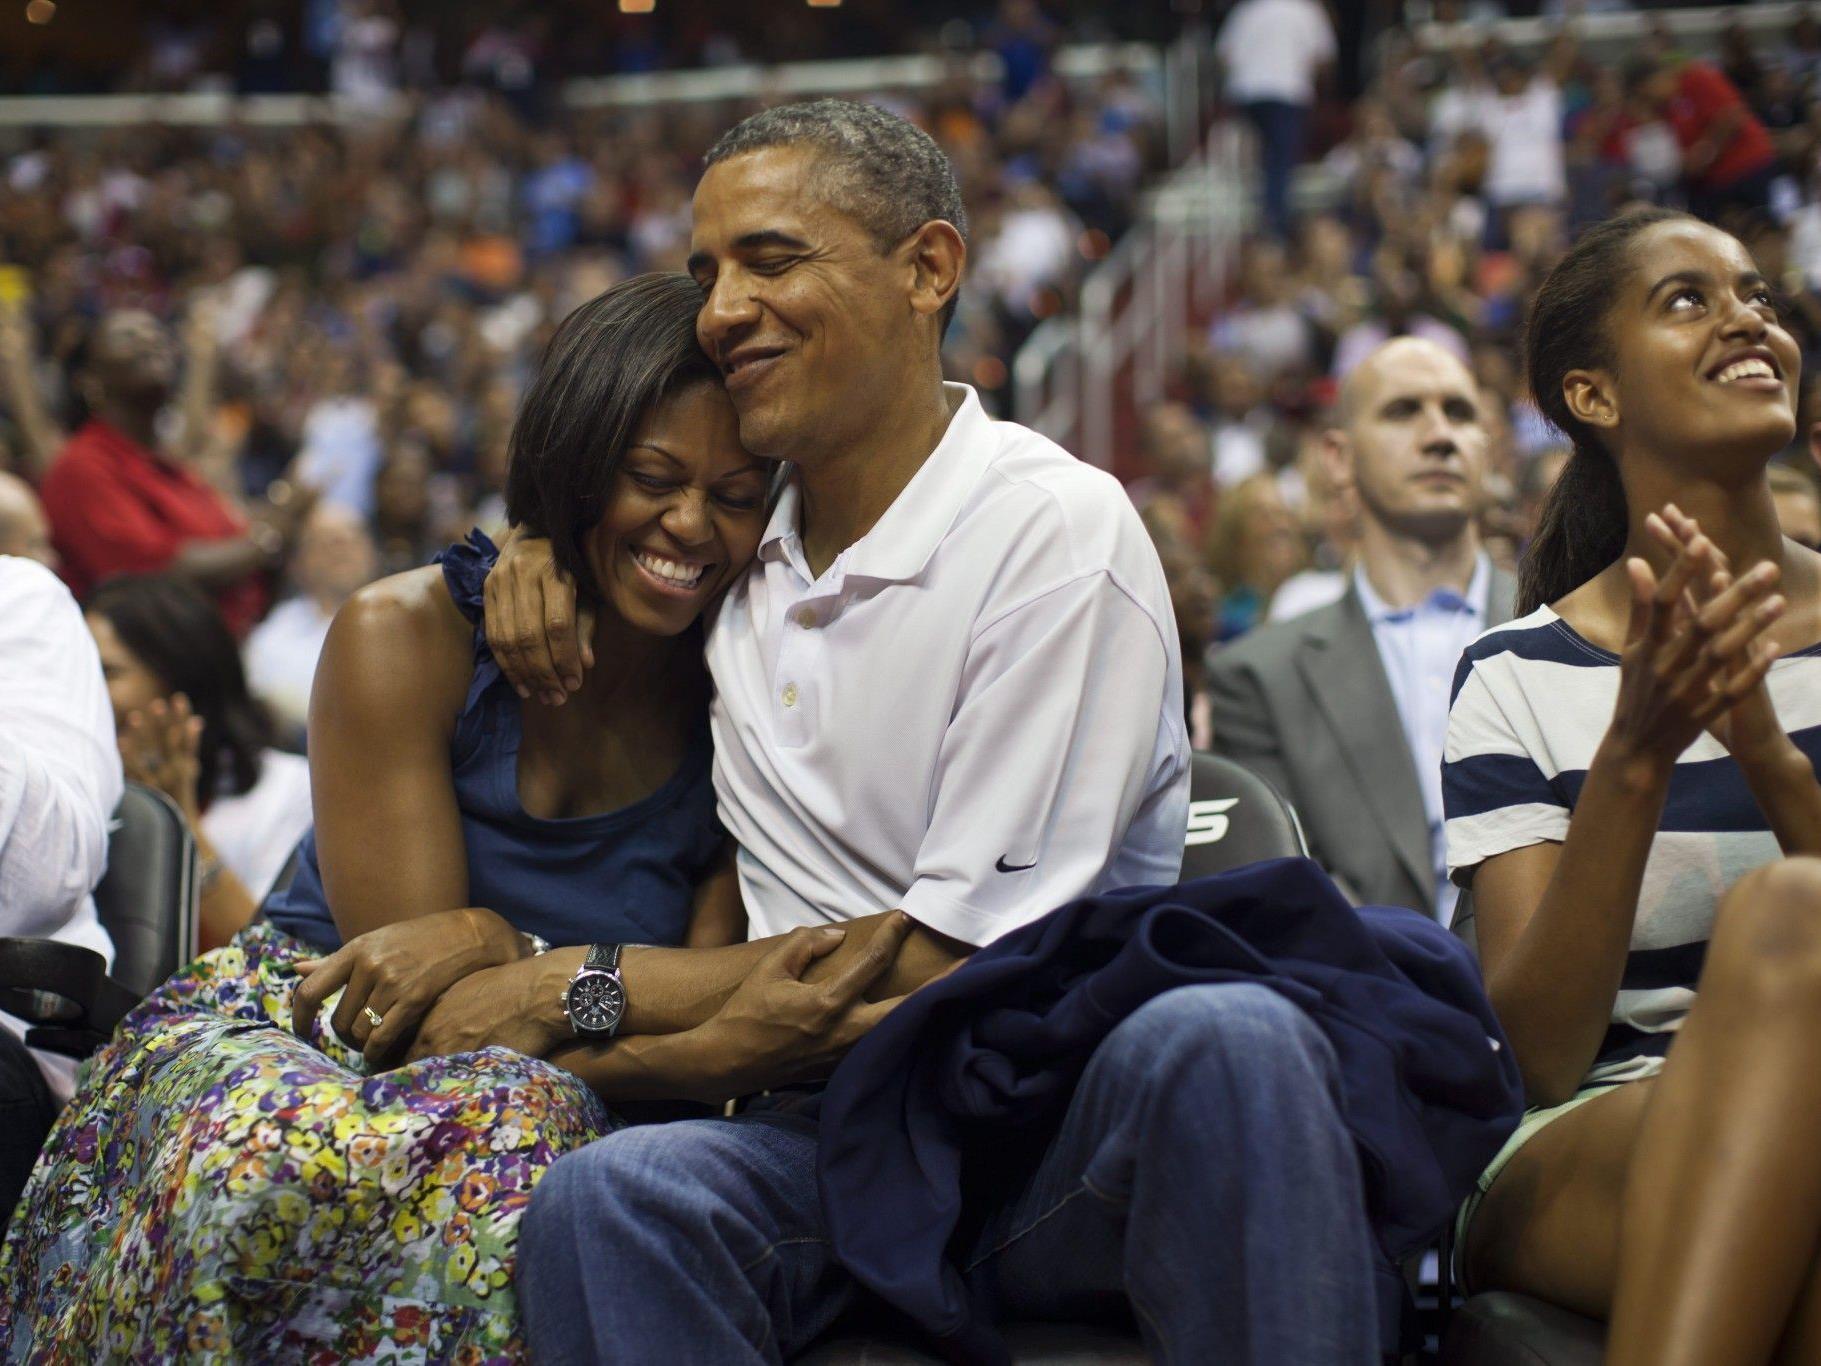 US-Präsident Obama und seine Frau Michelle beim Basketballspiel in Washington.